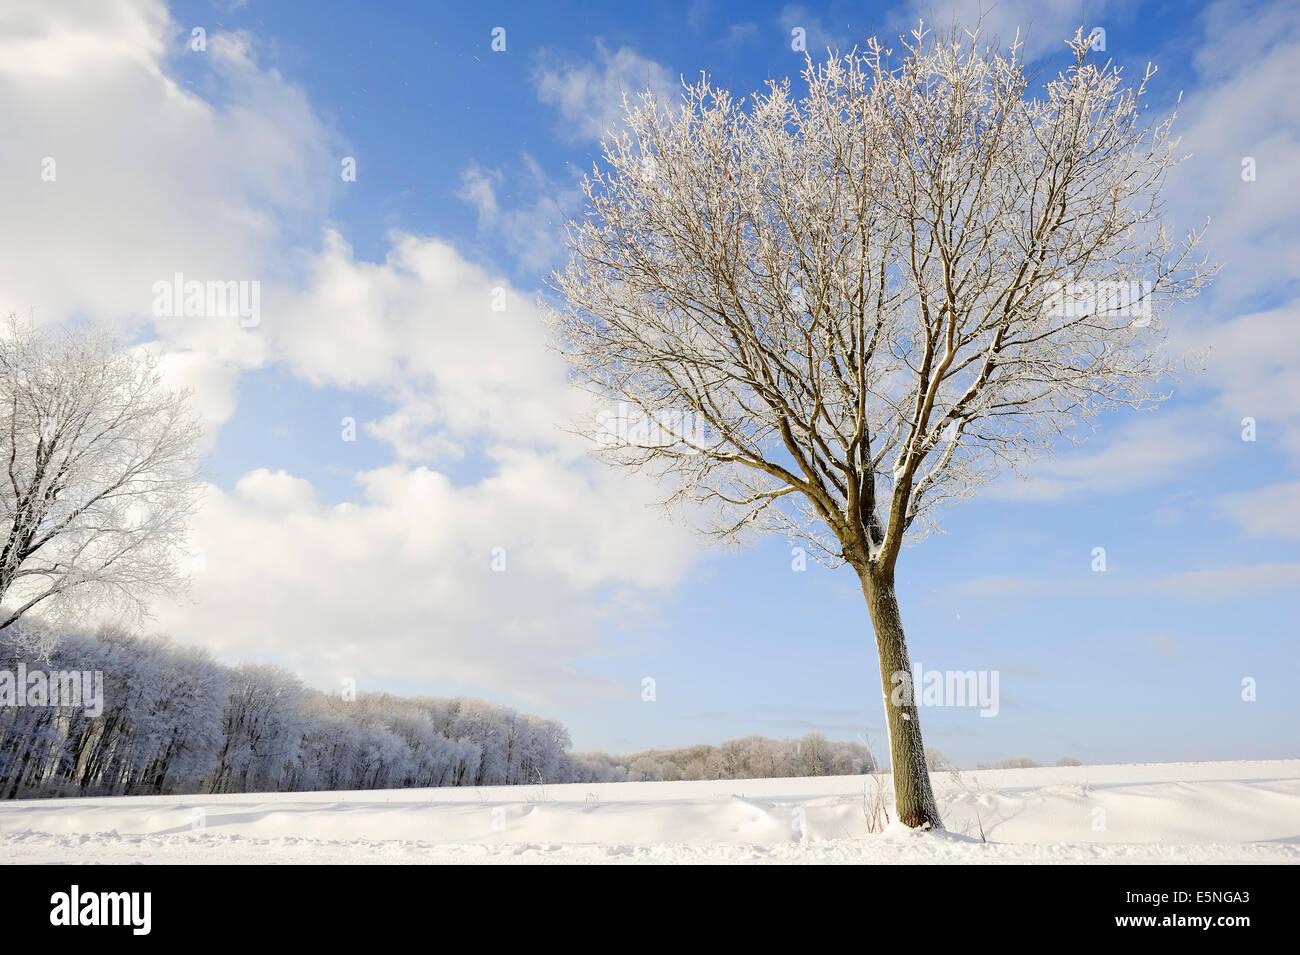 Pedunculate Oak (Quercus robur, Quercus pedunculata) in winter, North Rhine-Westphalia, Germany - Stock Image